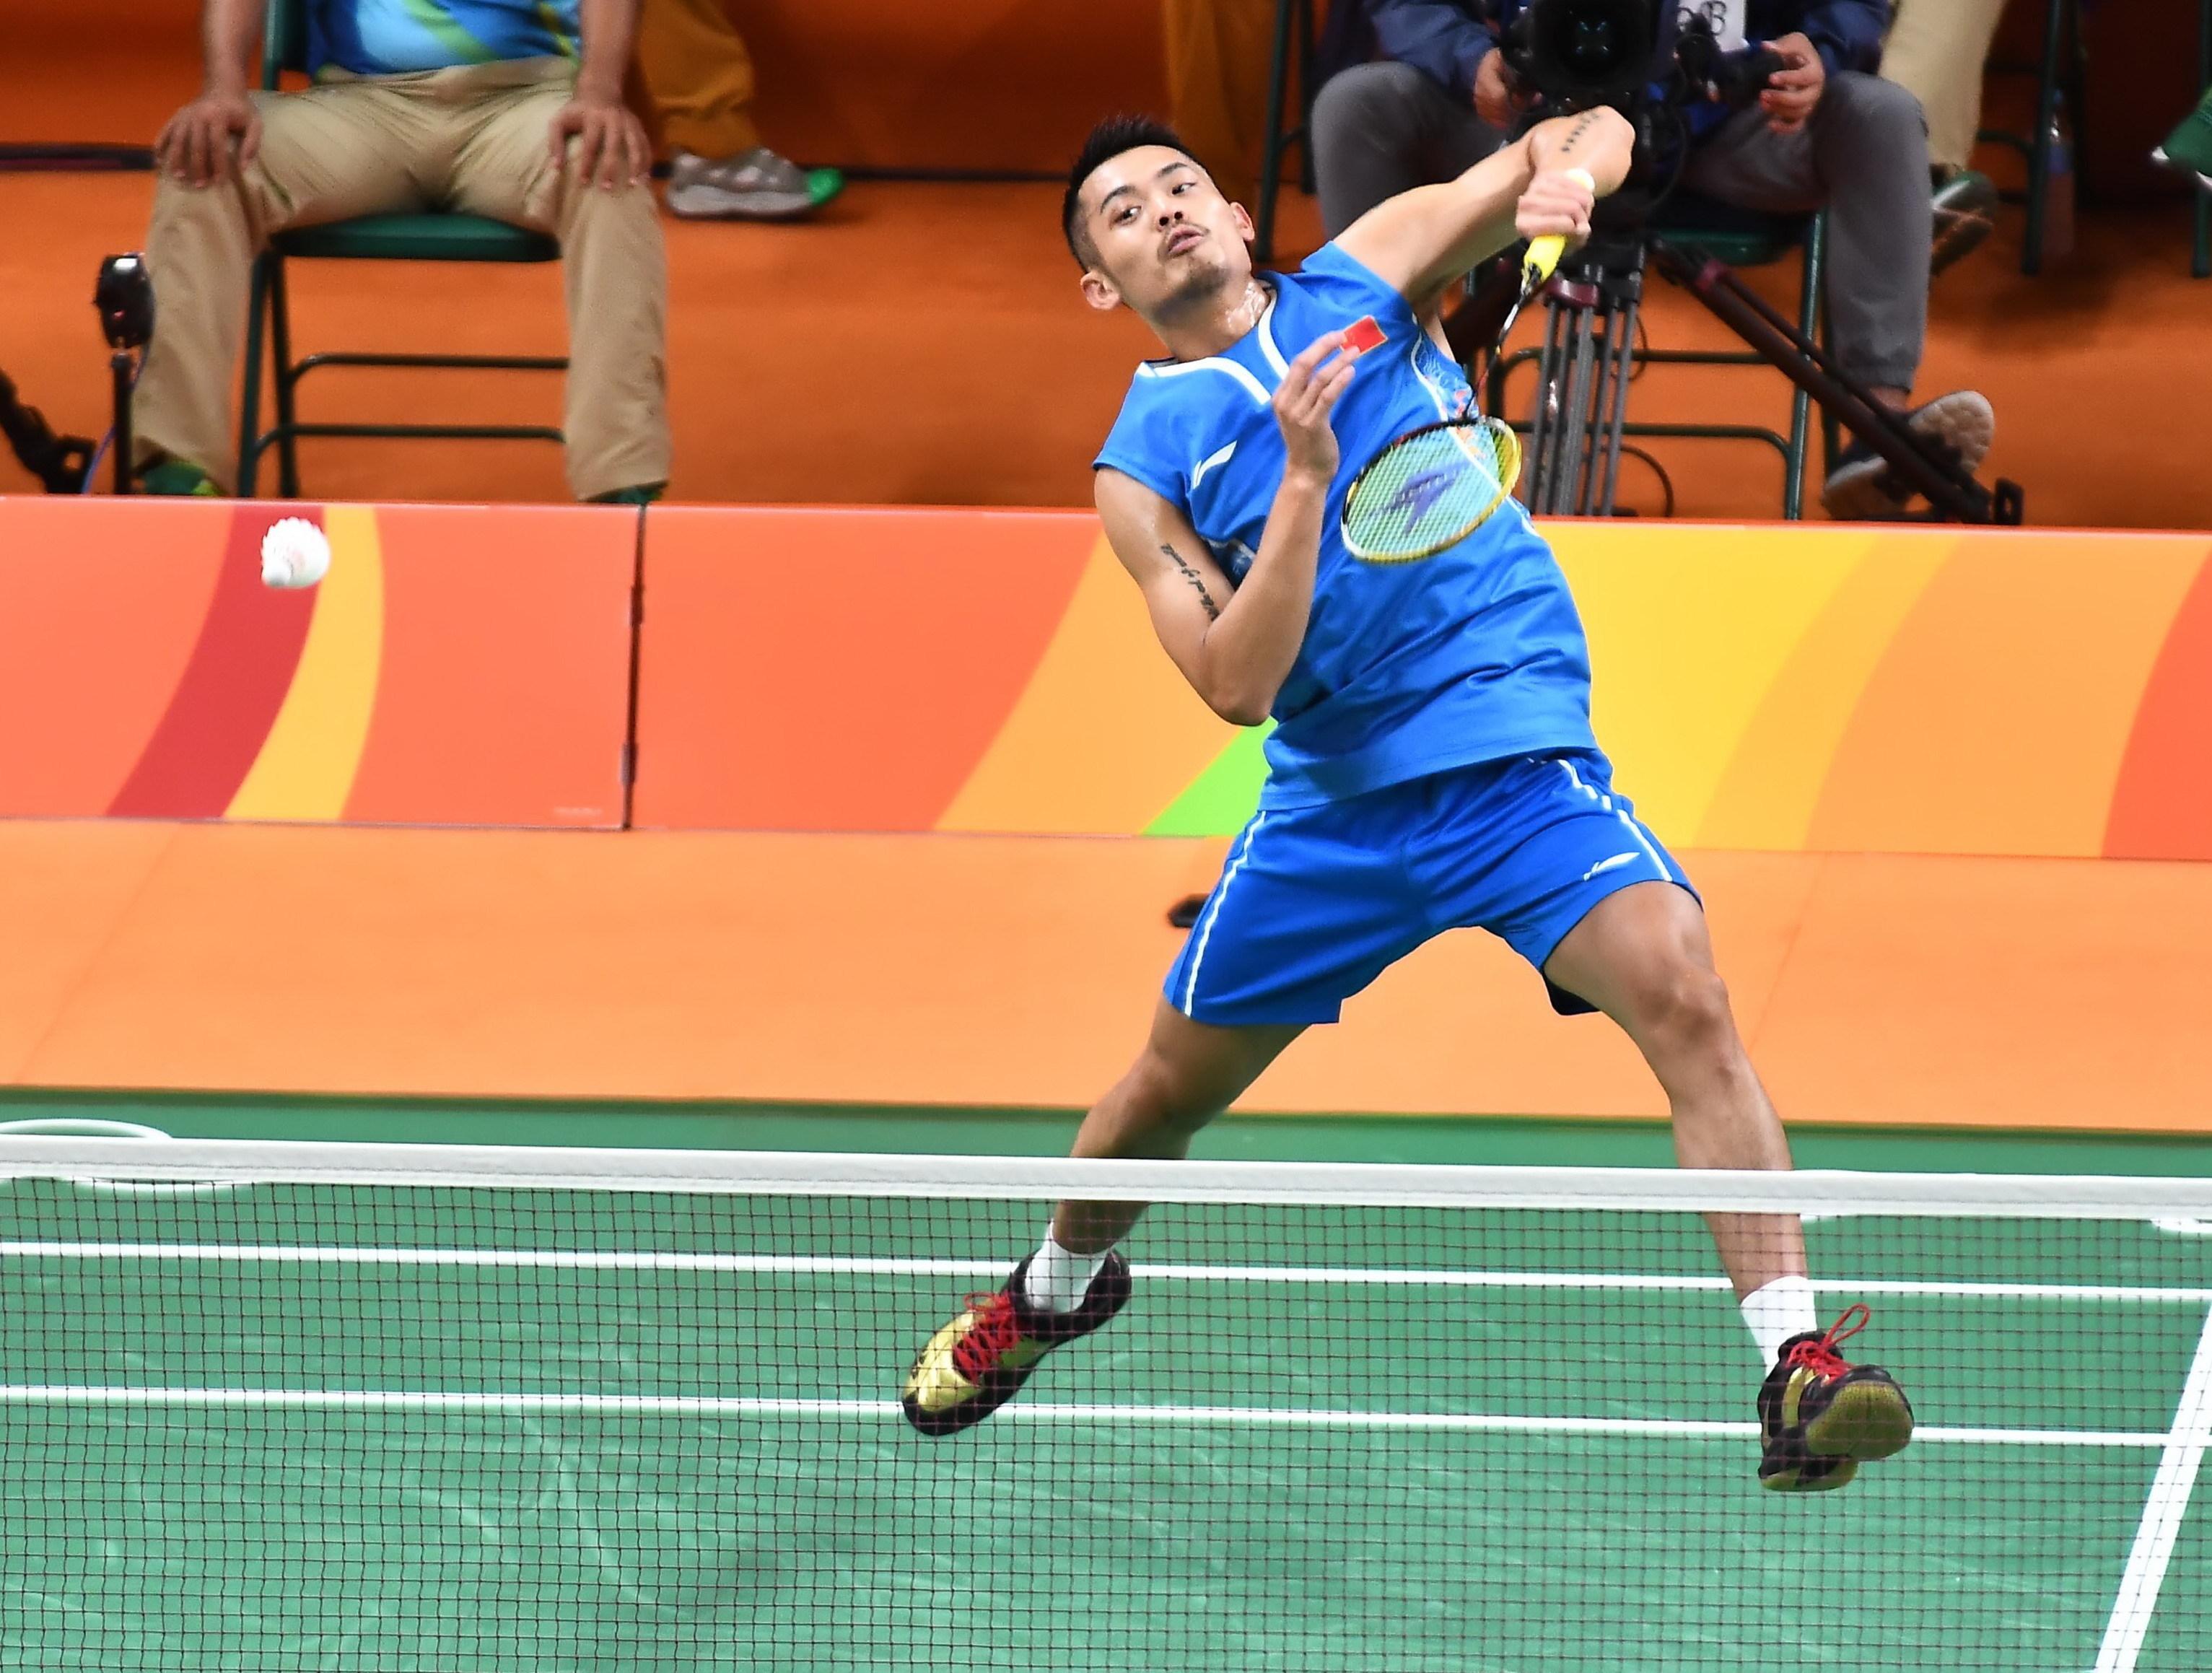 羽毛球男单-林丹2-0马尔科夫获连胜